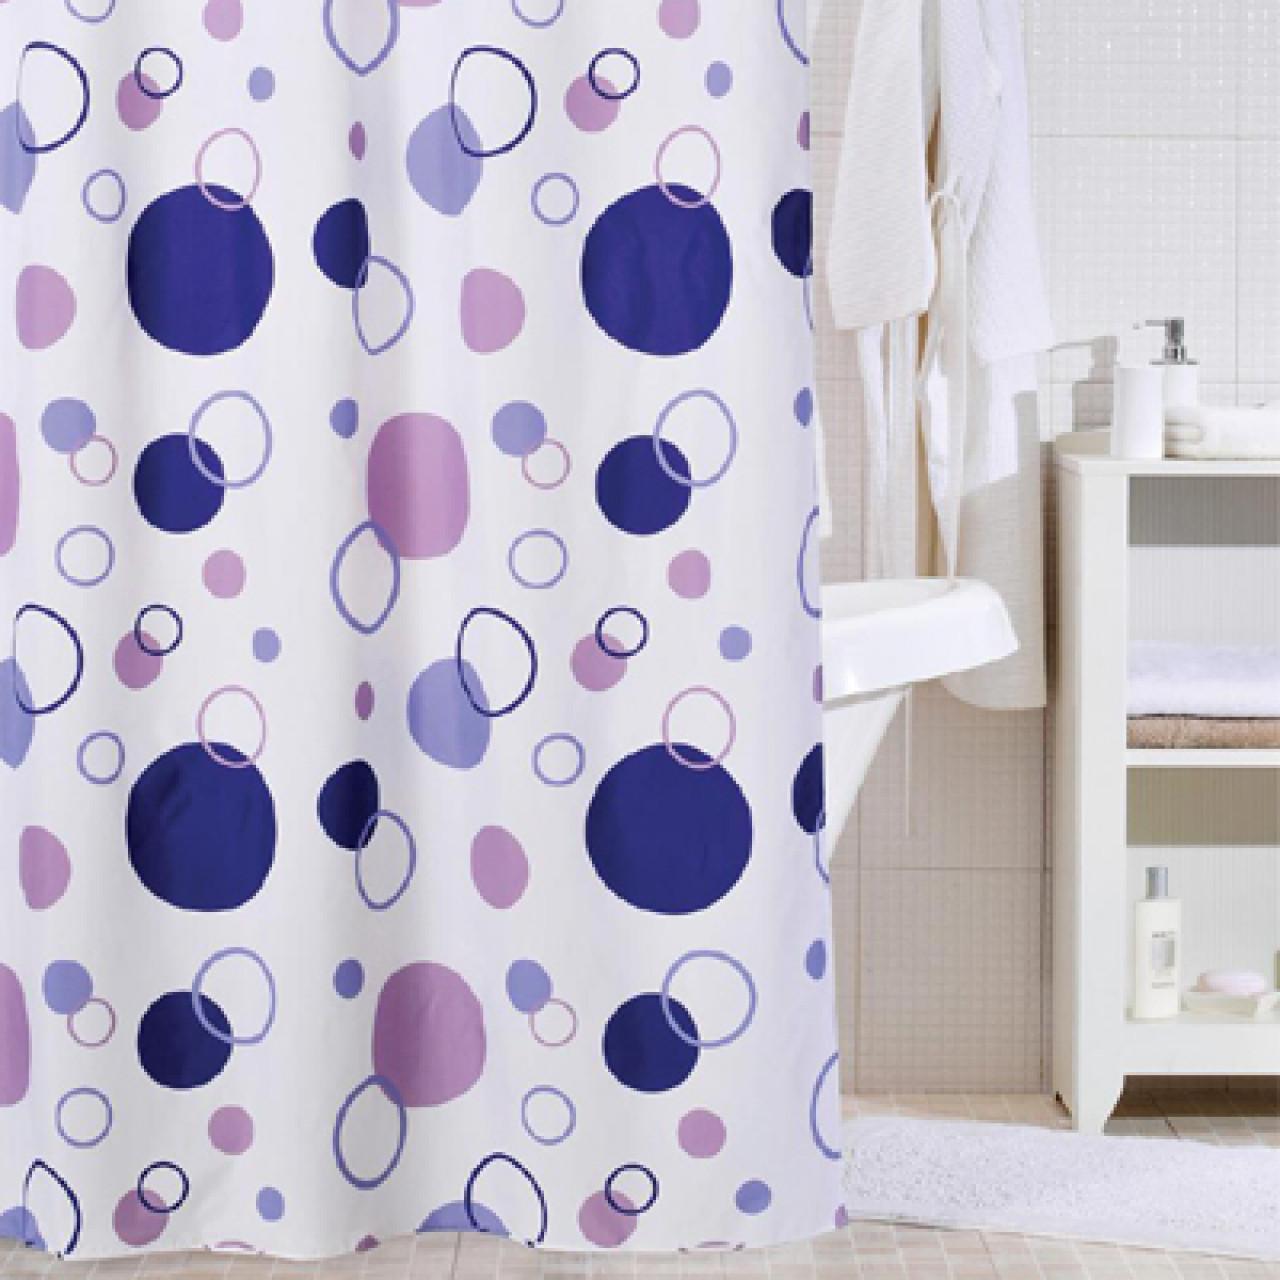 Штора для ванной комнаты Iddis Floating Balloon купить в Москве по цене от 1060р. в интернет-магазине mebel-v-vannu.ru